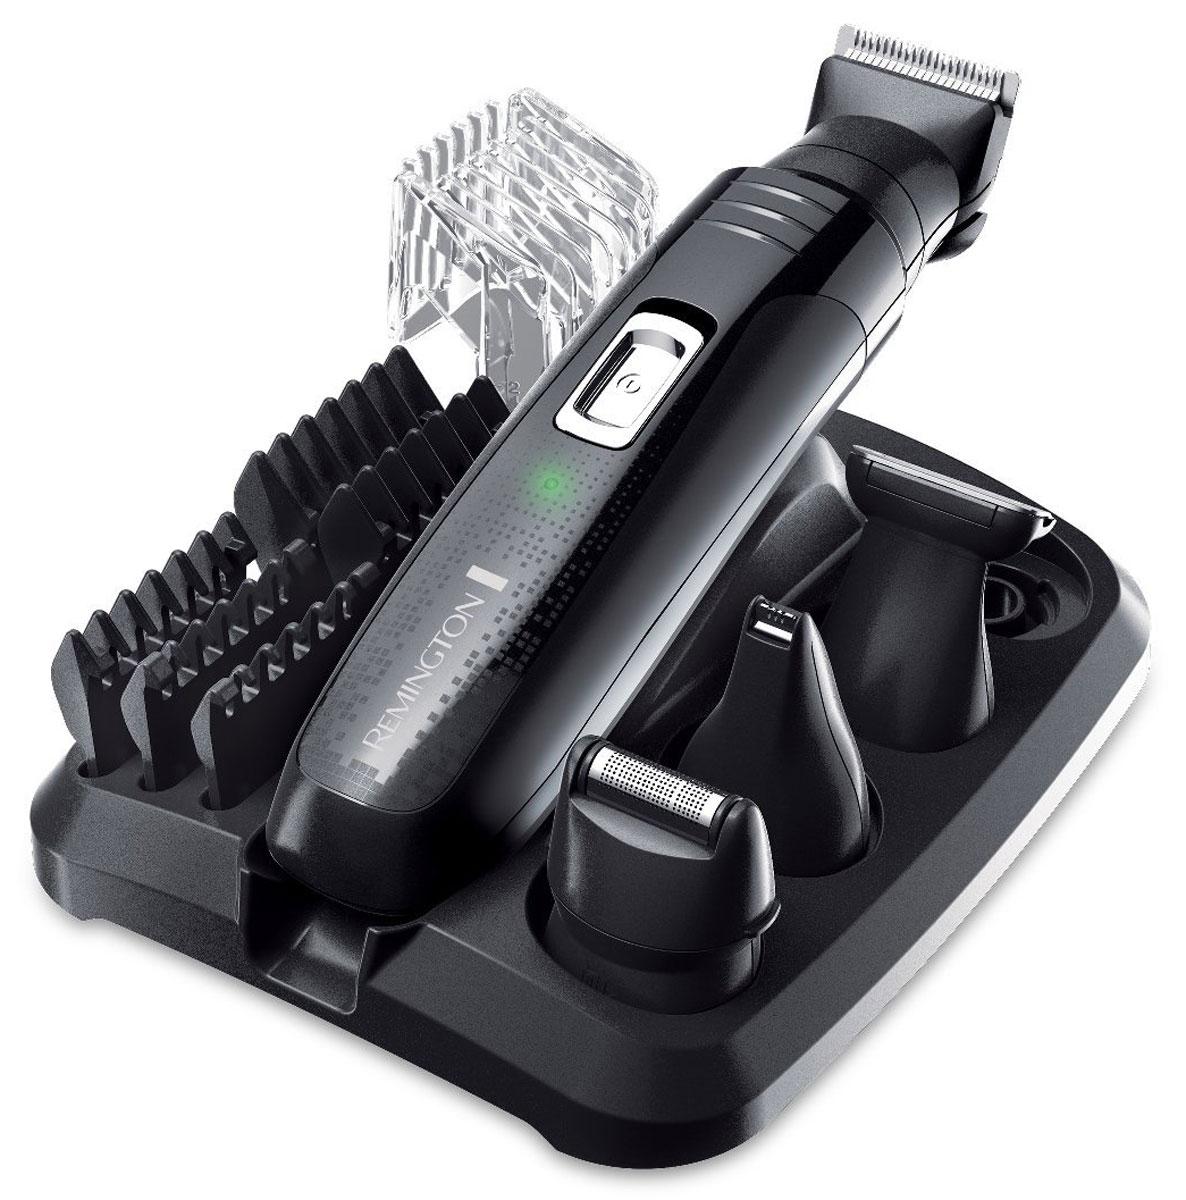 Набор для ухода за волосами Remington PG6130 Groom KitPG6130Набор для ухода за волосами Remington PG6130 - это полностью универсальный набор, гарантирующий постоянный контроль над волосами быстро и просто. Все, что нужно для стрижки волос на лице и теле. Основной триммер с пятью насадками фиксированной длины (1.5, 3, 6, 9 и 12 мм), линейный триммер для носа и ушей, сетчатая мини-бритва и детальный триммер. Все насадки хранятся на компактной подставке. Ваш персональный набор готов к использованию в любой момент. Лучше, чем когда-либо, набор для ухода за волосами Remington PG6130 подойдет для любых задач по уходу за волосами и гарантирует точную и чистую стрижку. Рекомендуем!